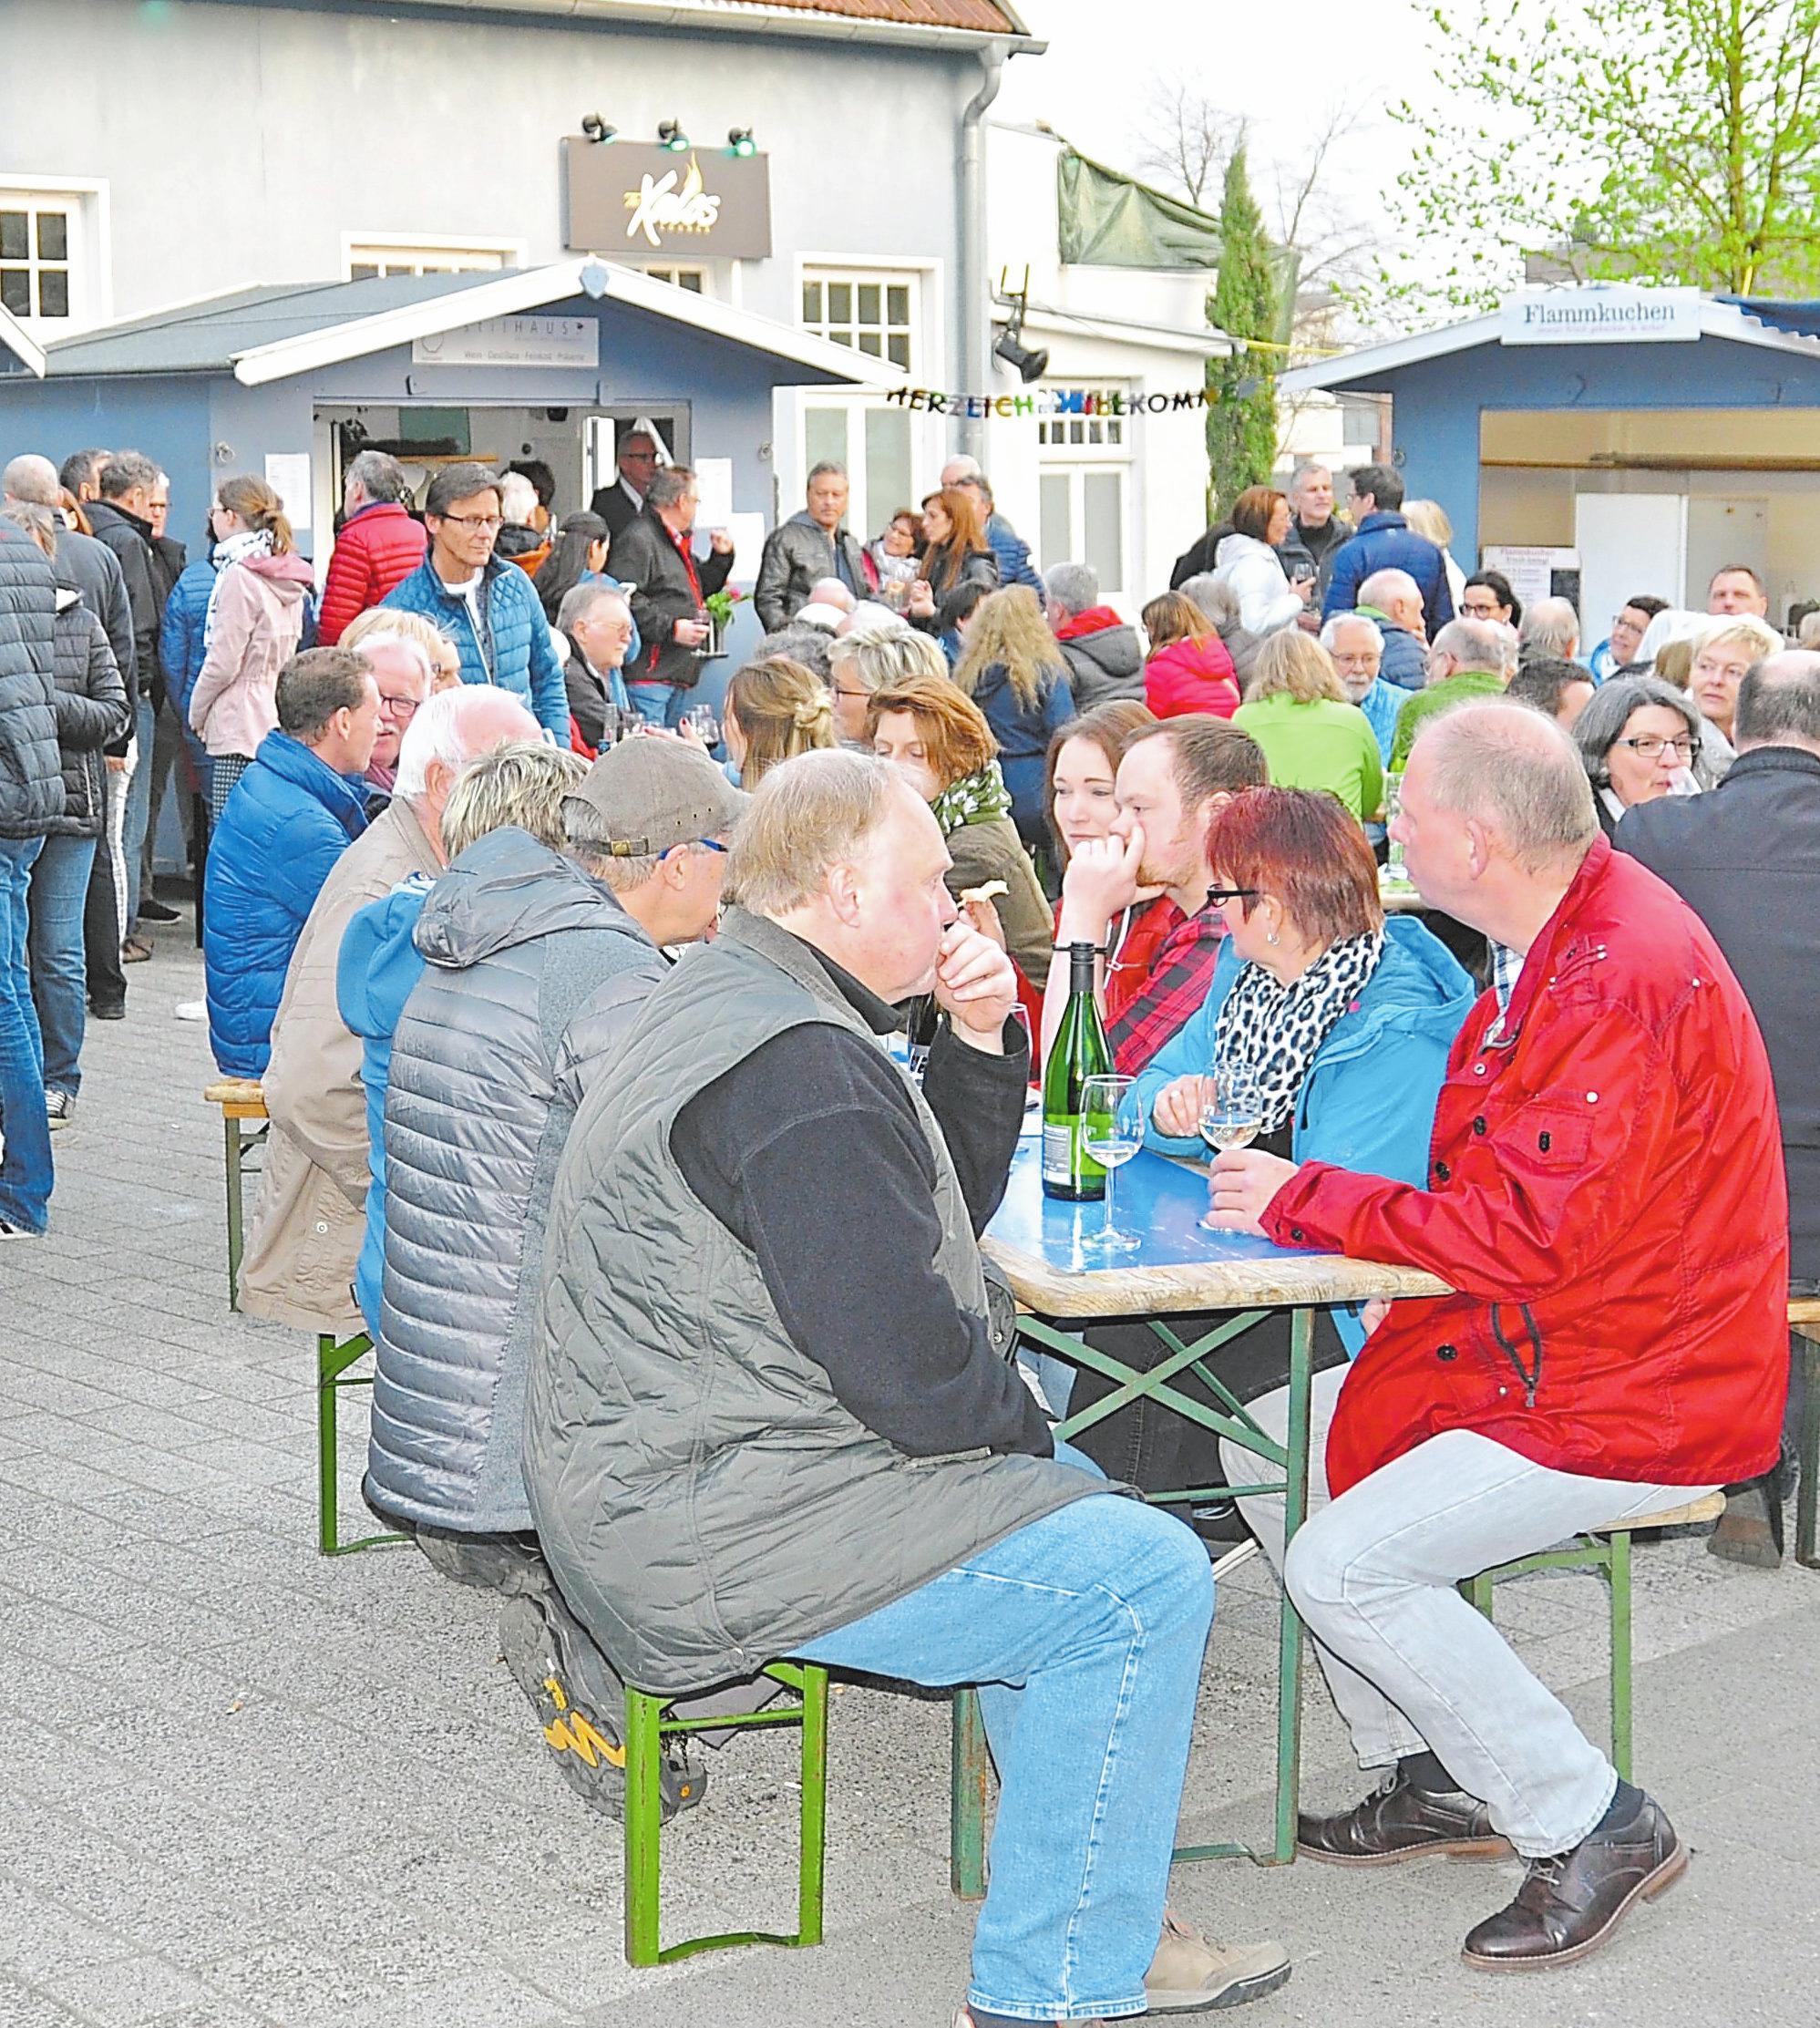 Zu einem echten Besuchermagneten hat sich im Laufe der Jahre das Weindorf entwickelt. Foto: Mareike Stratmann